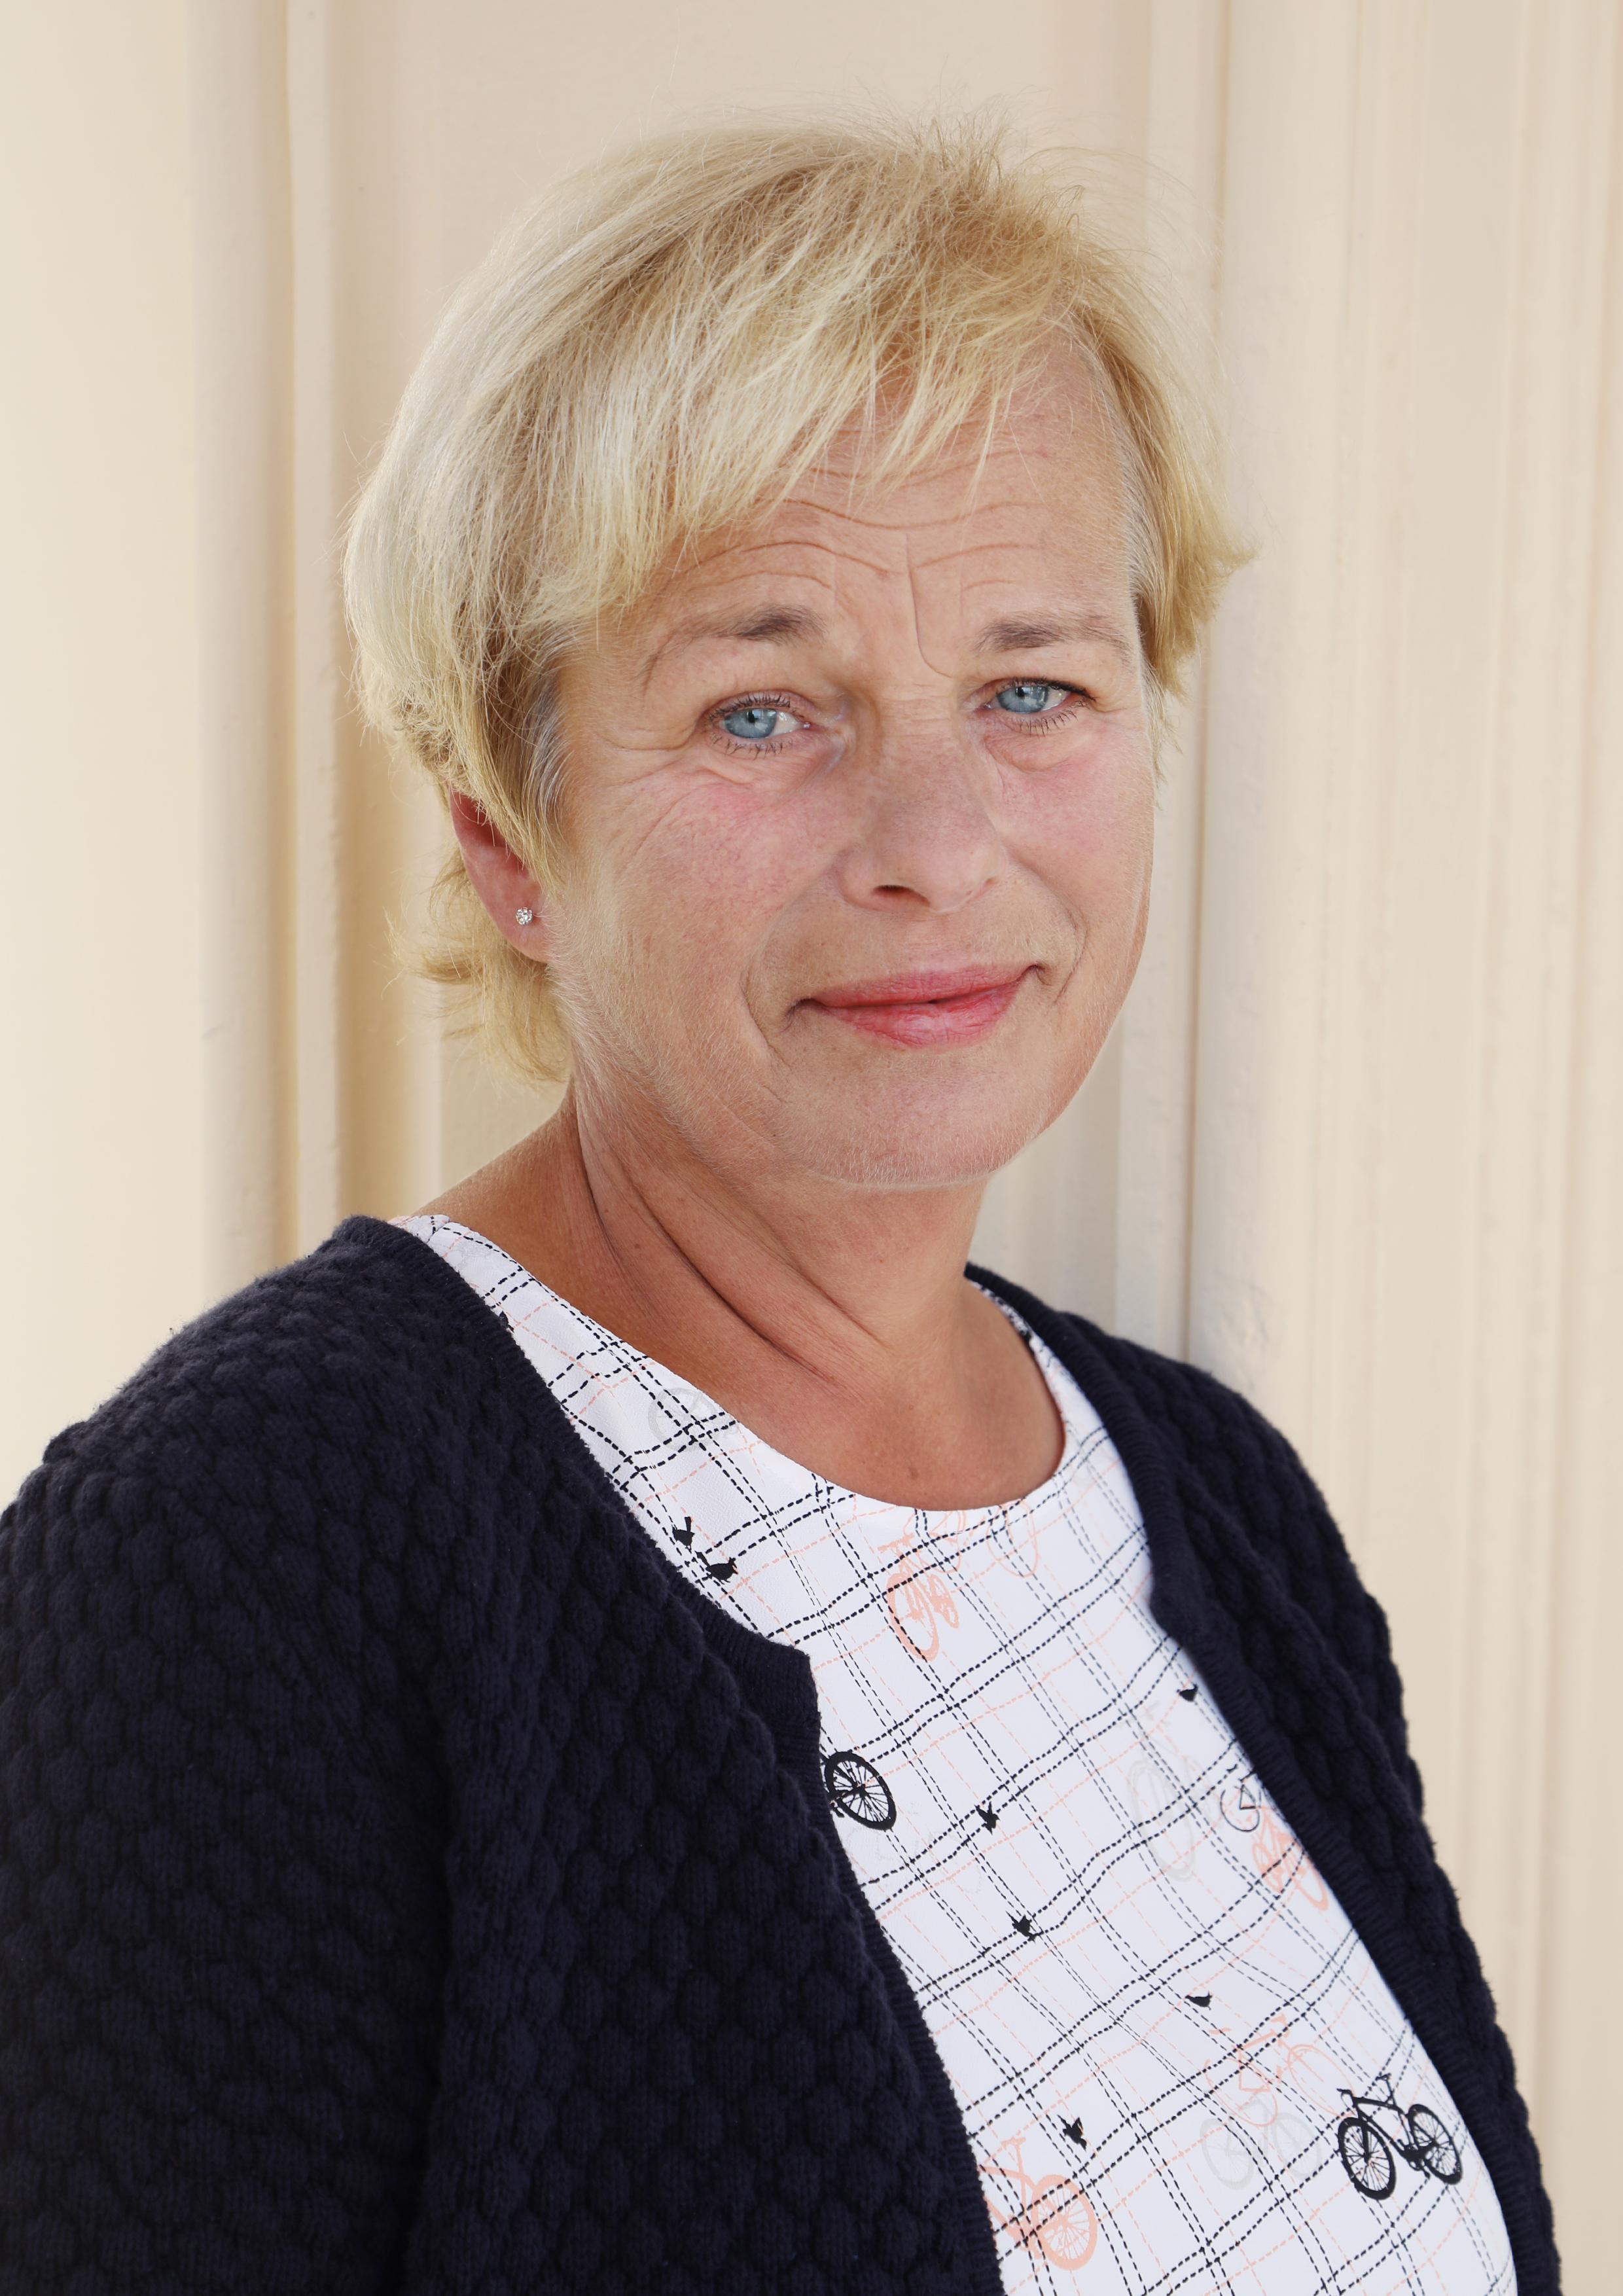 Marita Hirschfelder